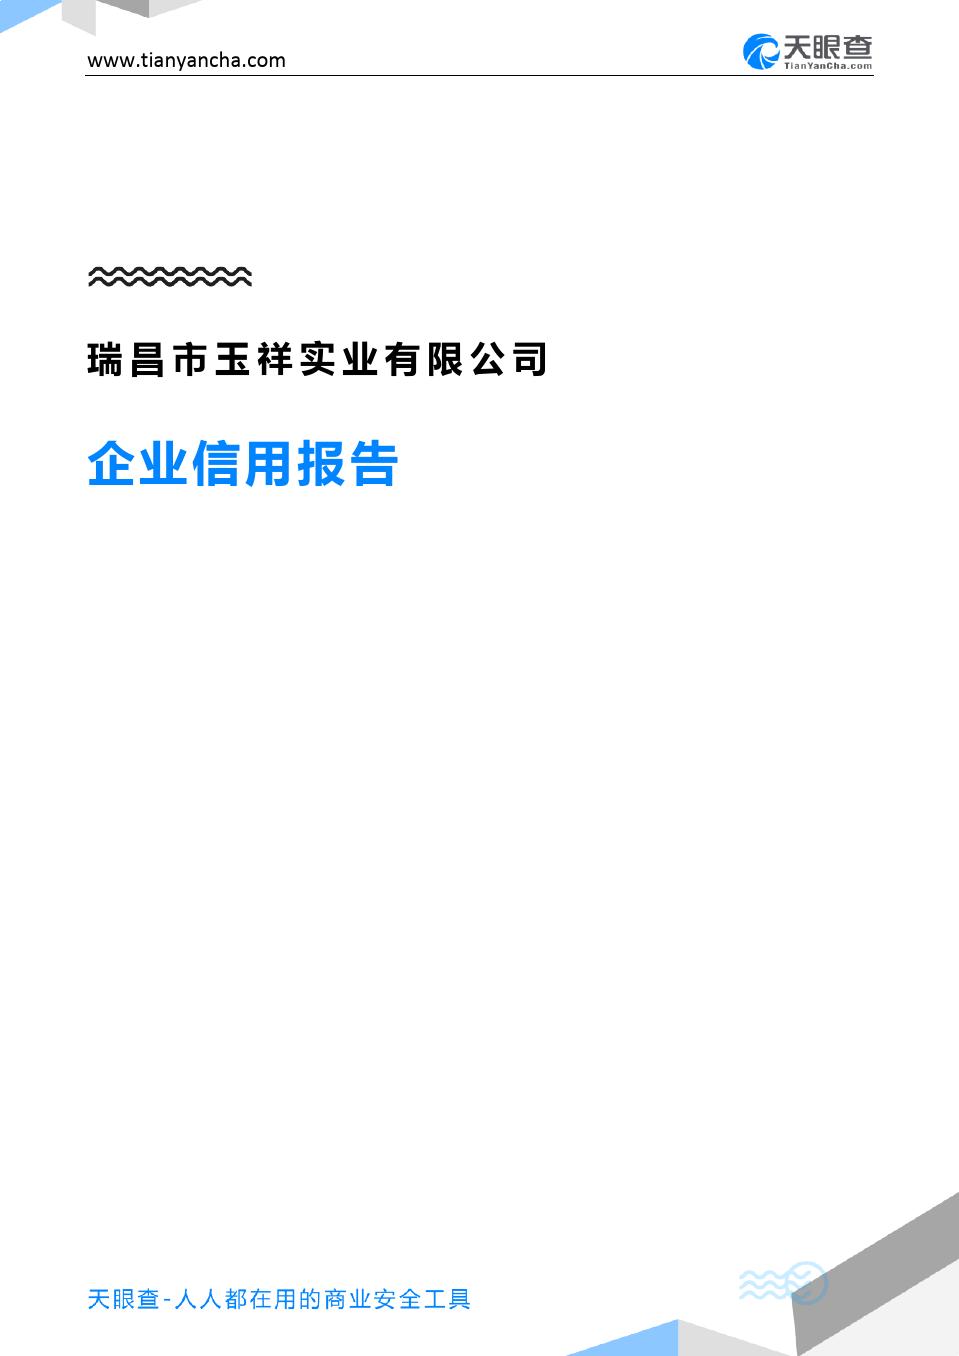 瑞昌市玉祥实业有限公司(企业信用报告)- 天眼查